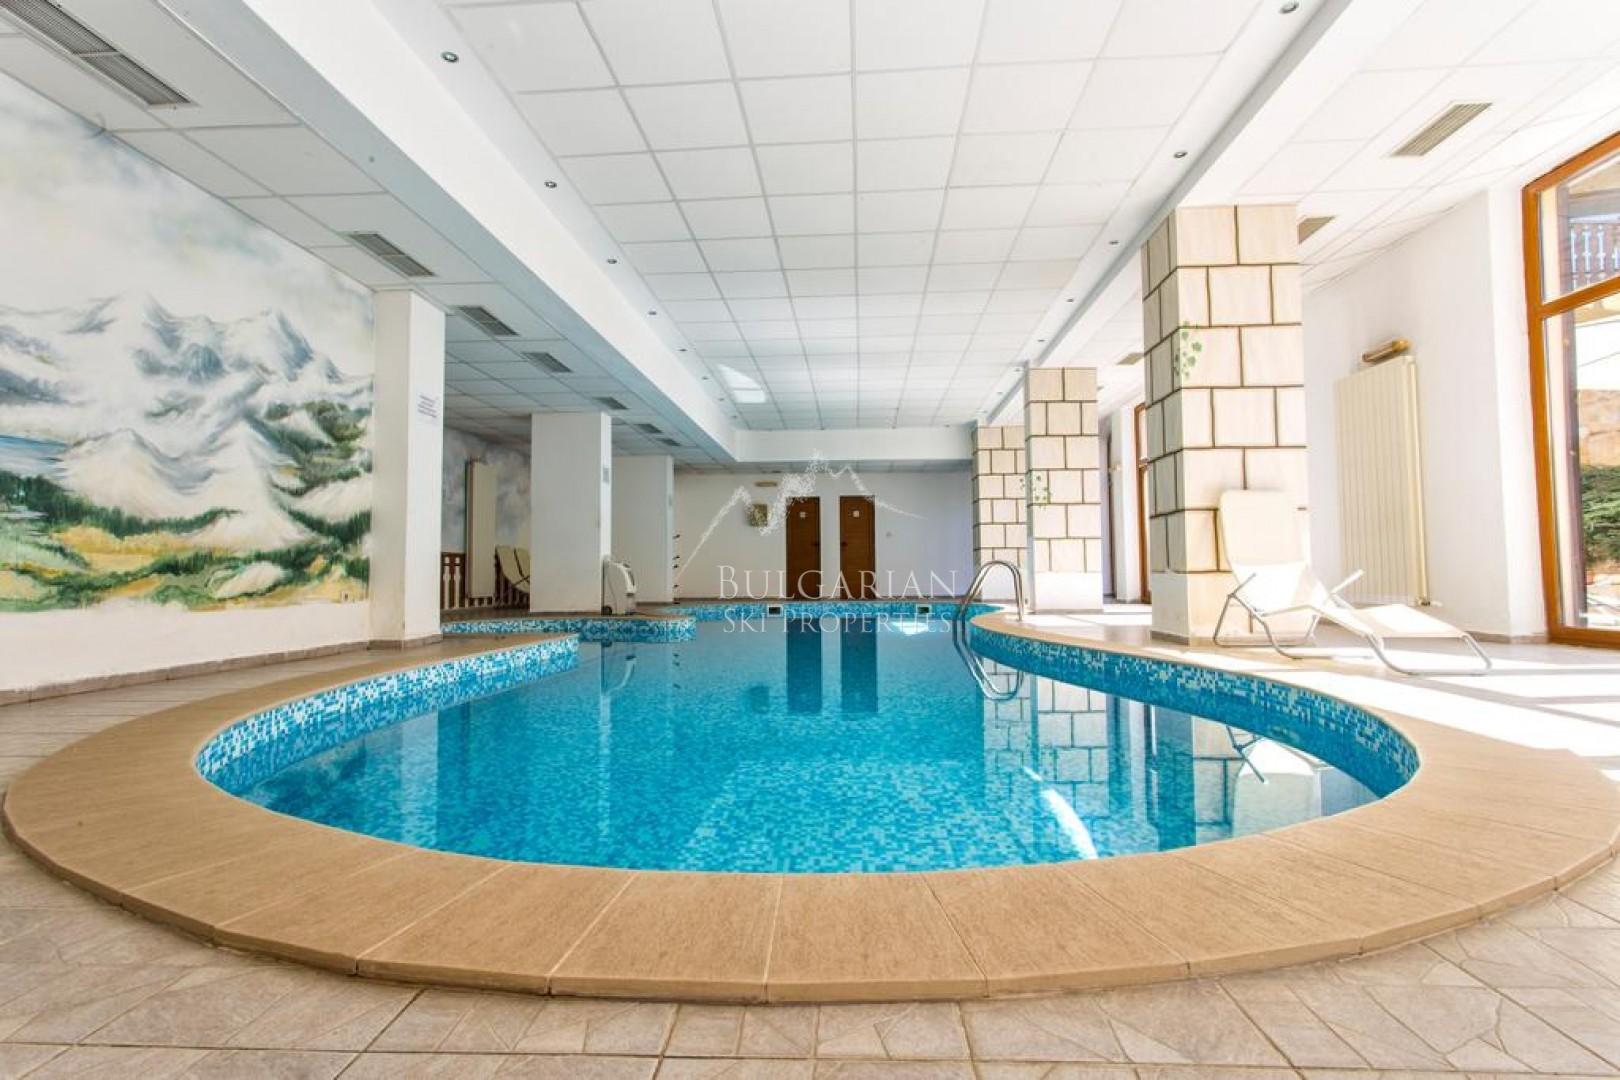 Топ Лодж, Банско: тристаен апартамент за продажба в близост до ски лифта